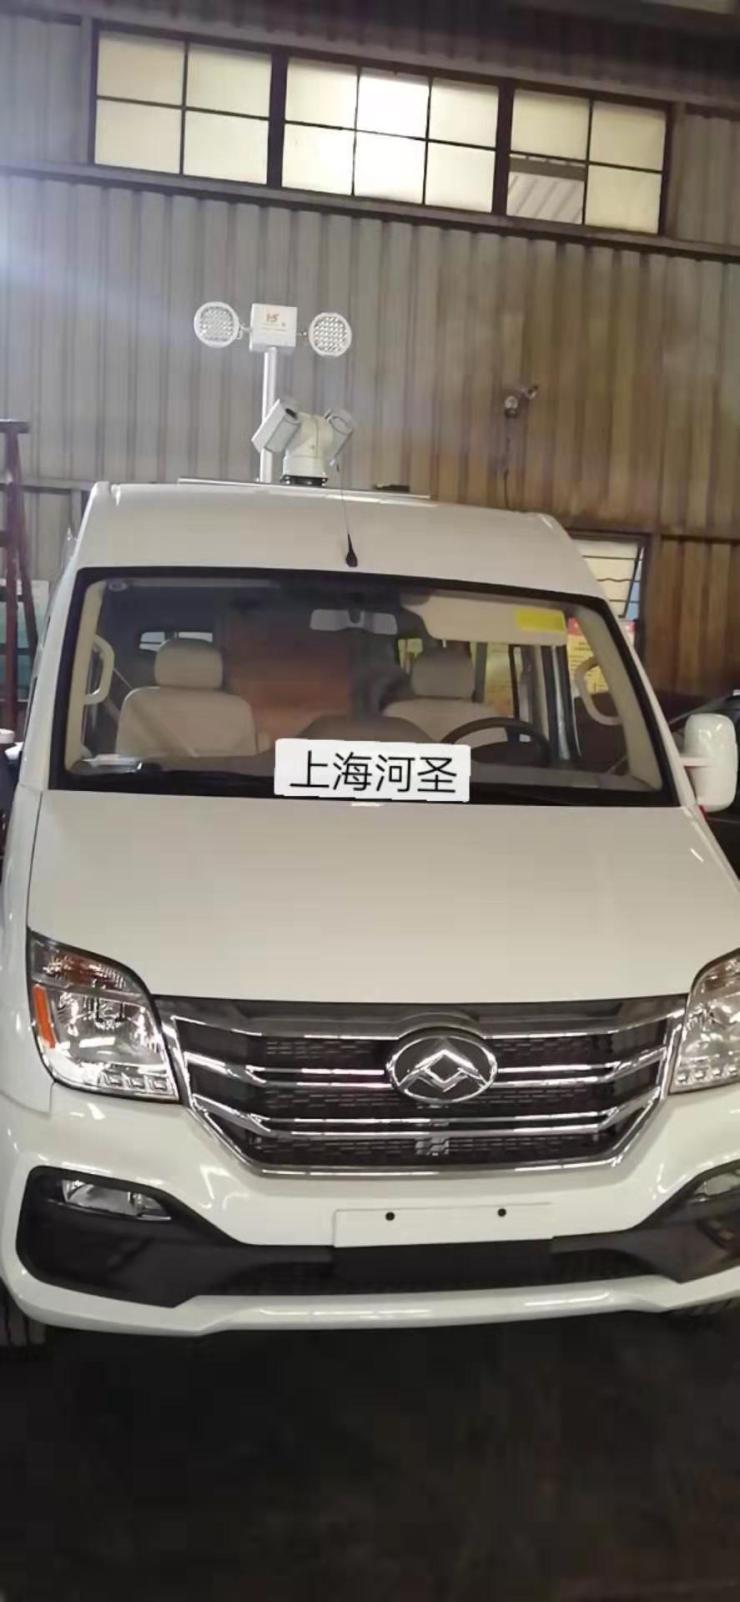 升降探照燈皮卡車移動照明燈河圣安全上海河圣價格